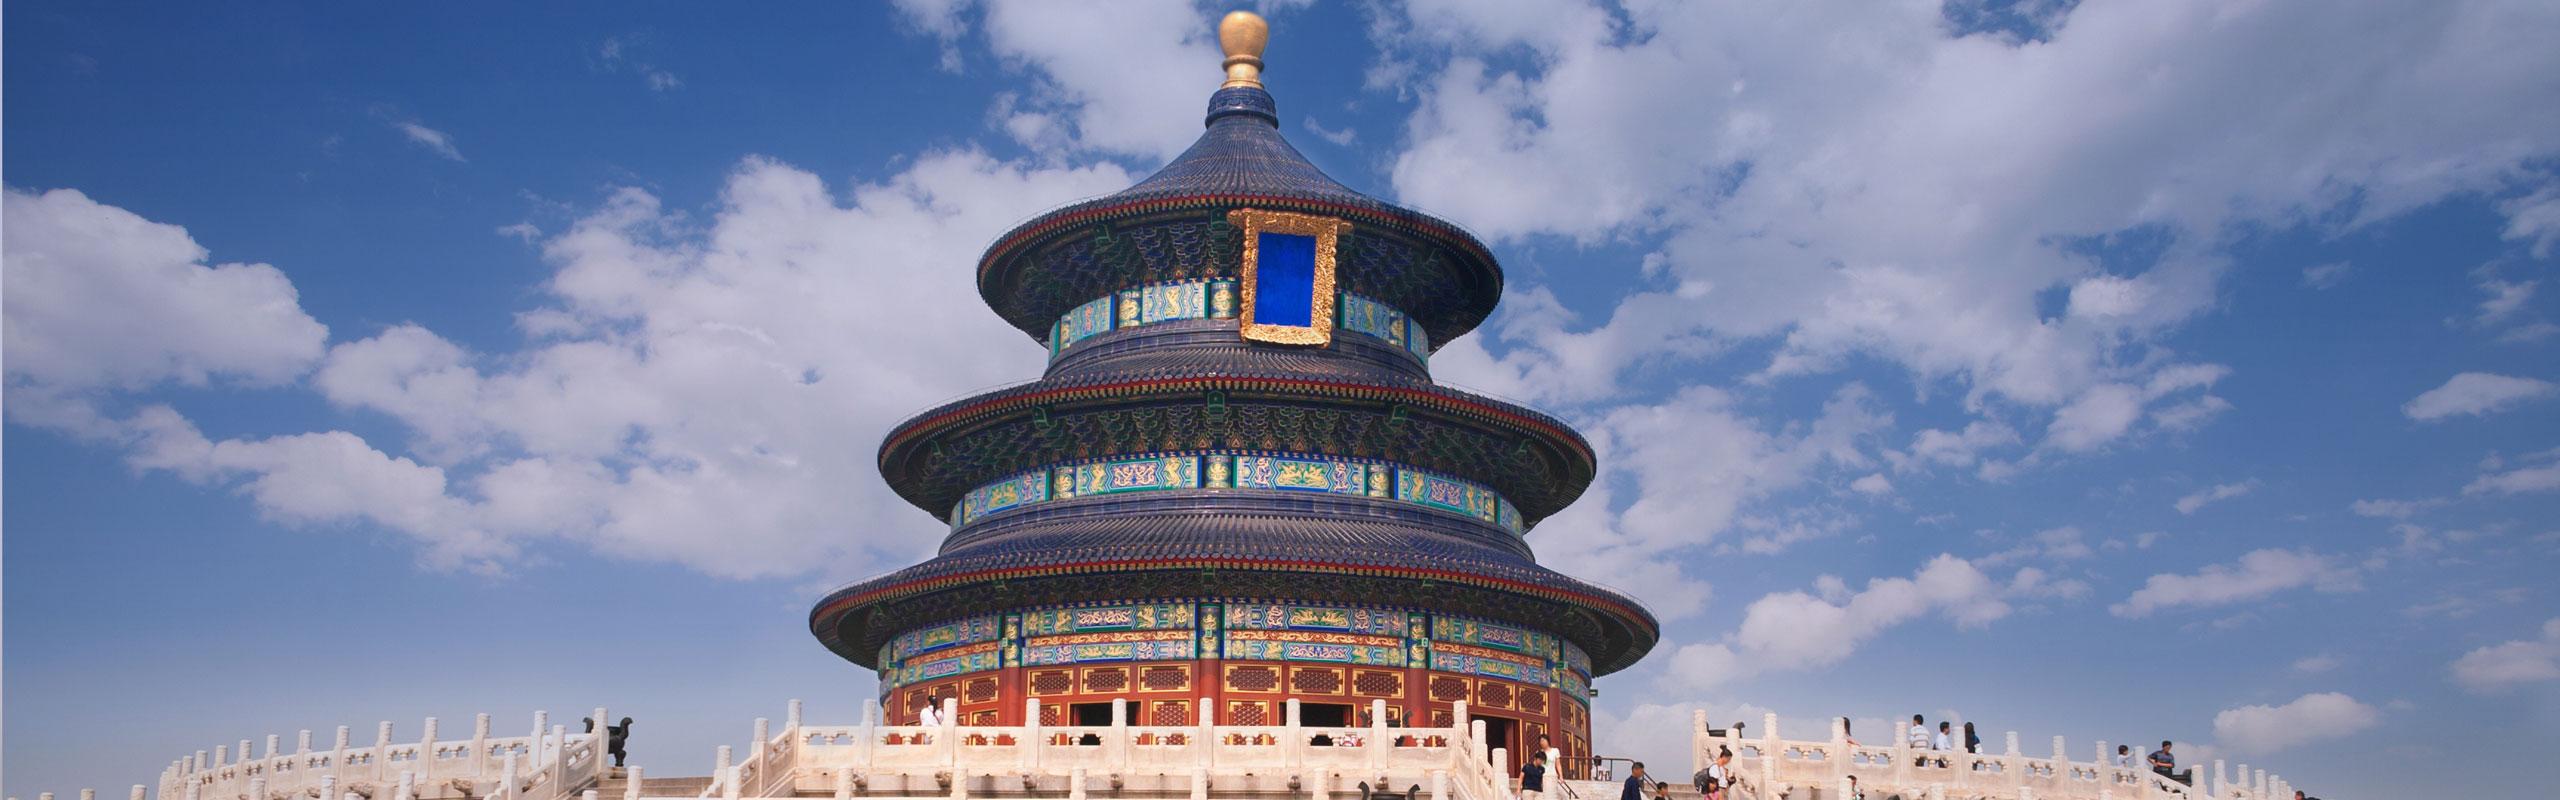 3-Day Beijing Visa Free Travel